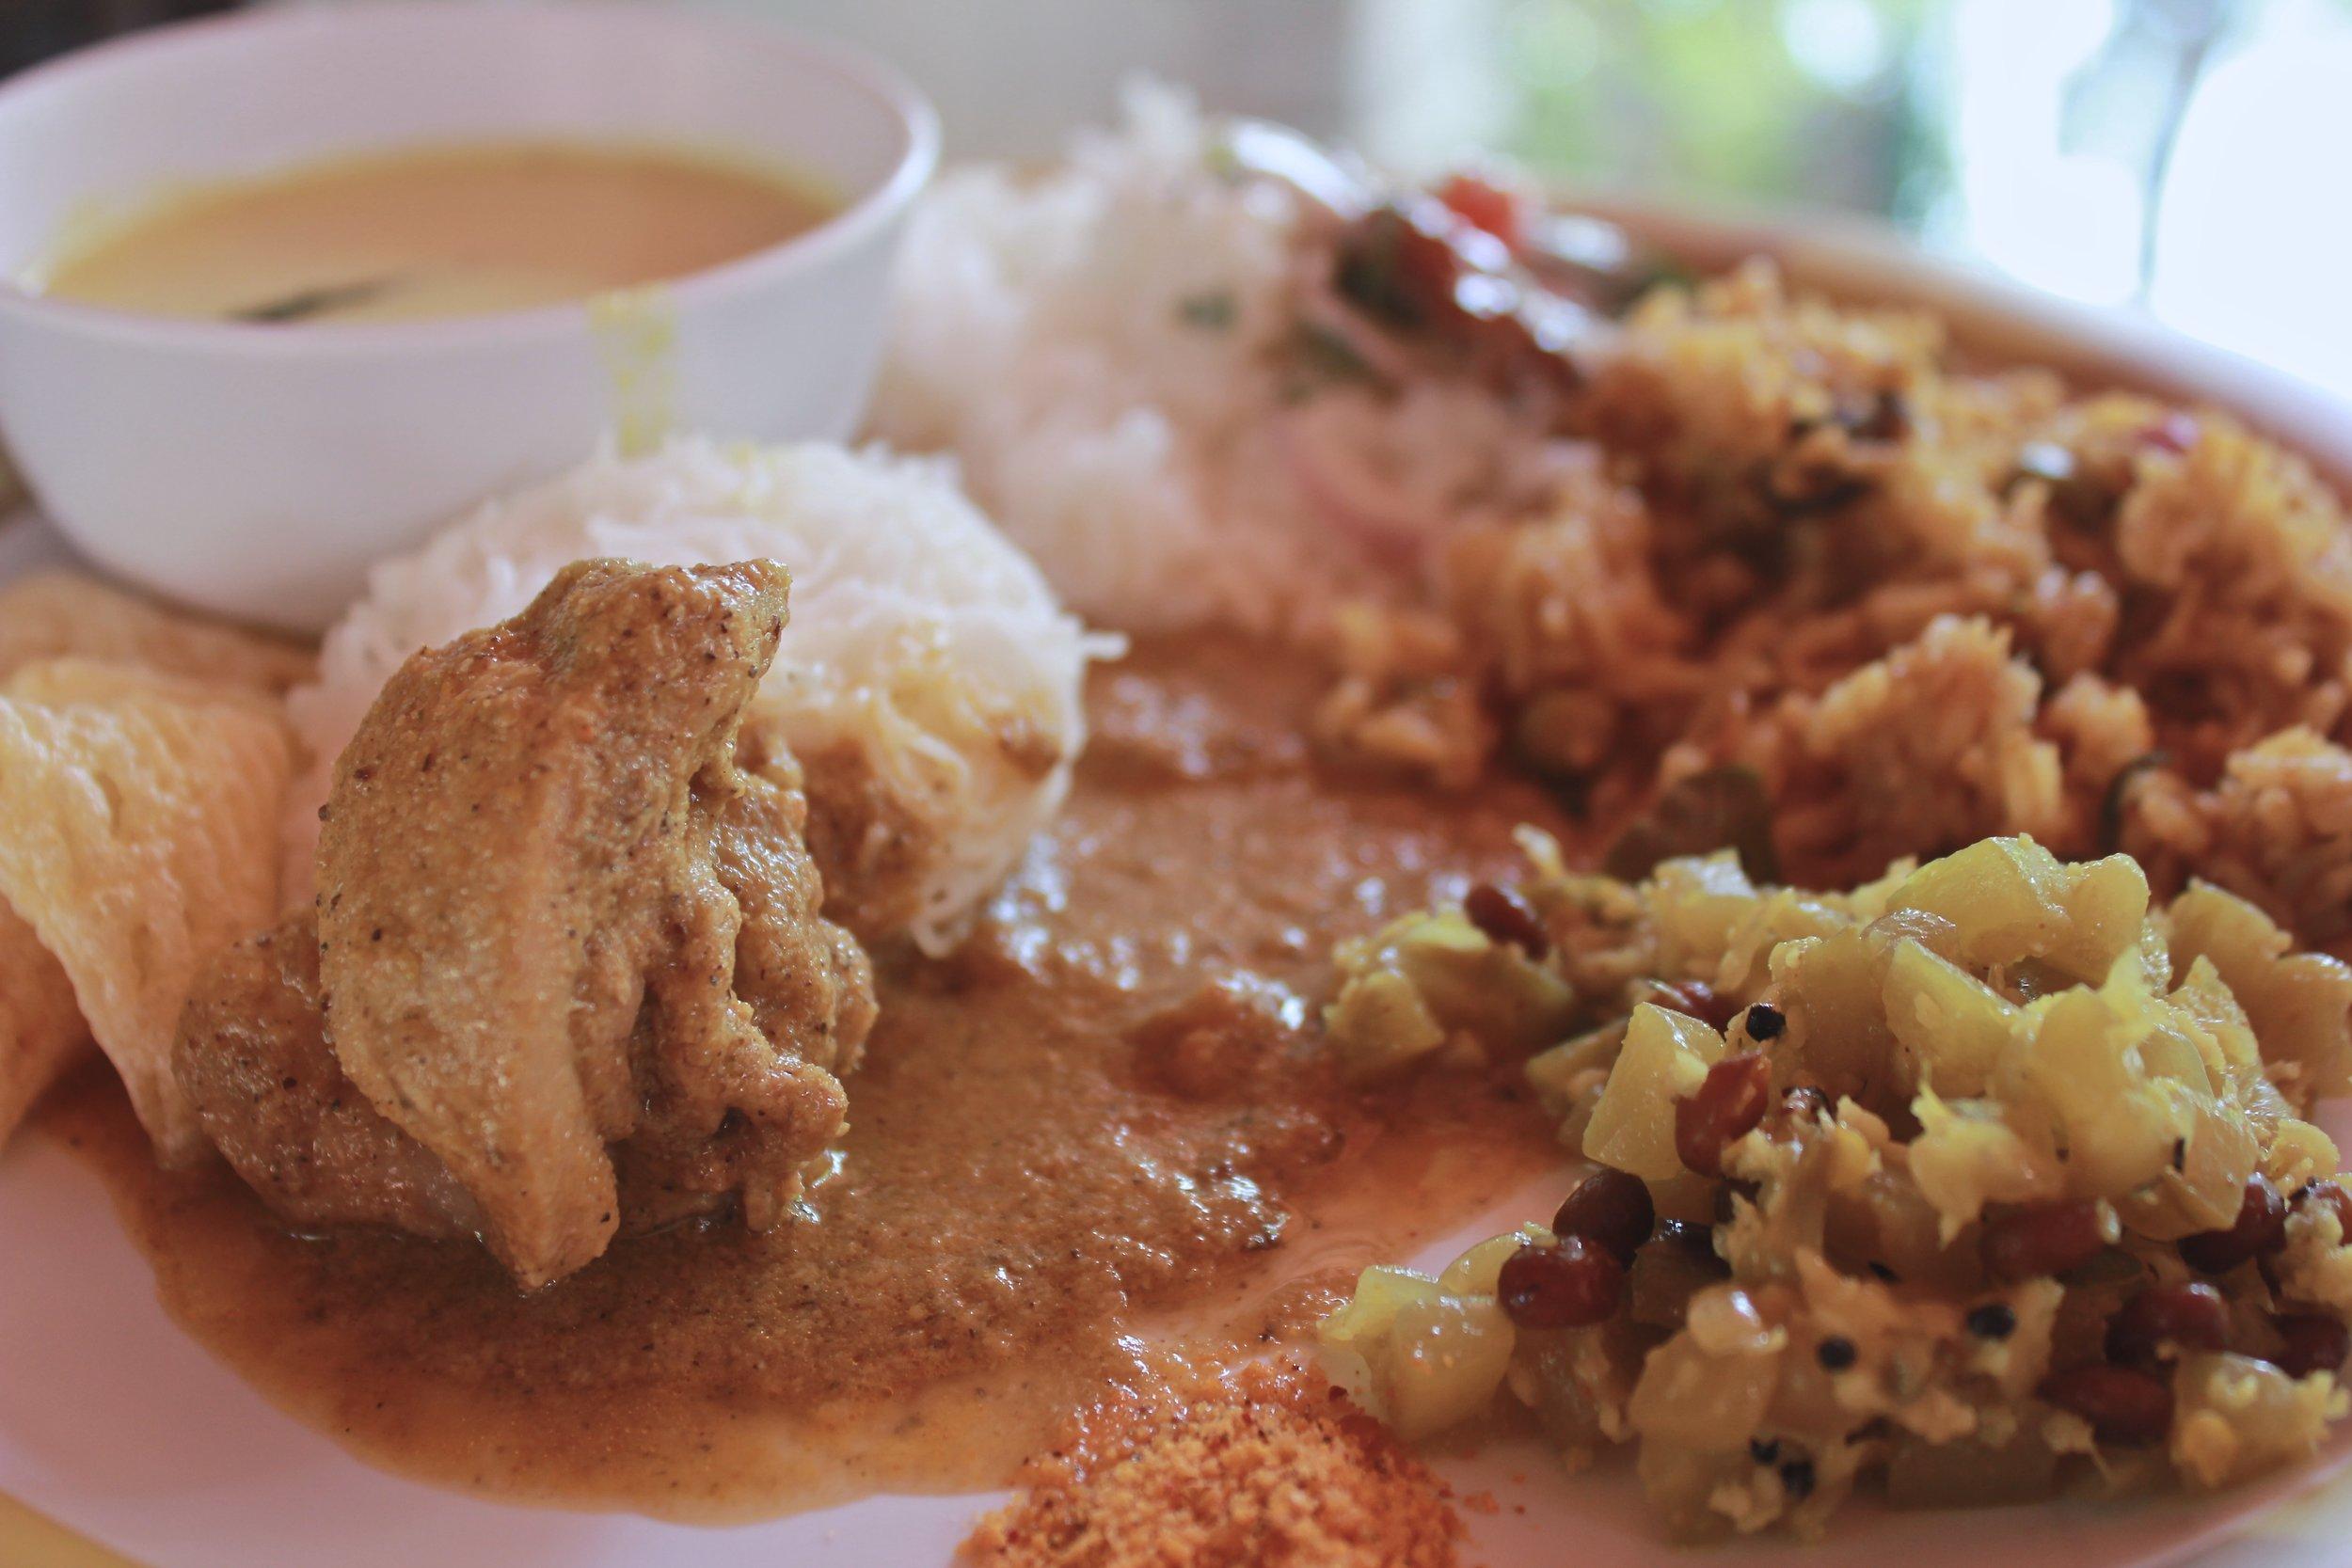 Chicken kuzhamba, poriyal, mor kuzhamba, idiyappam, biryani and raita for lunch - Karnataka food - Kannadiga food